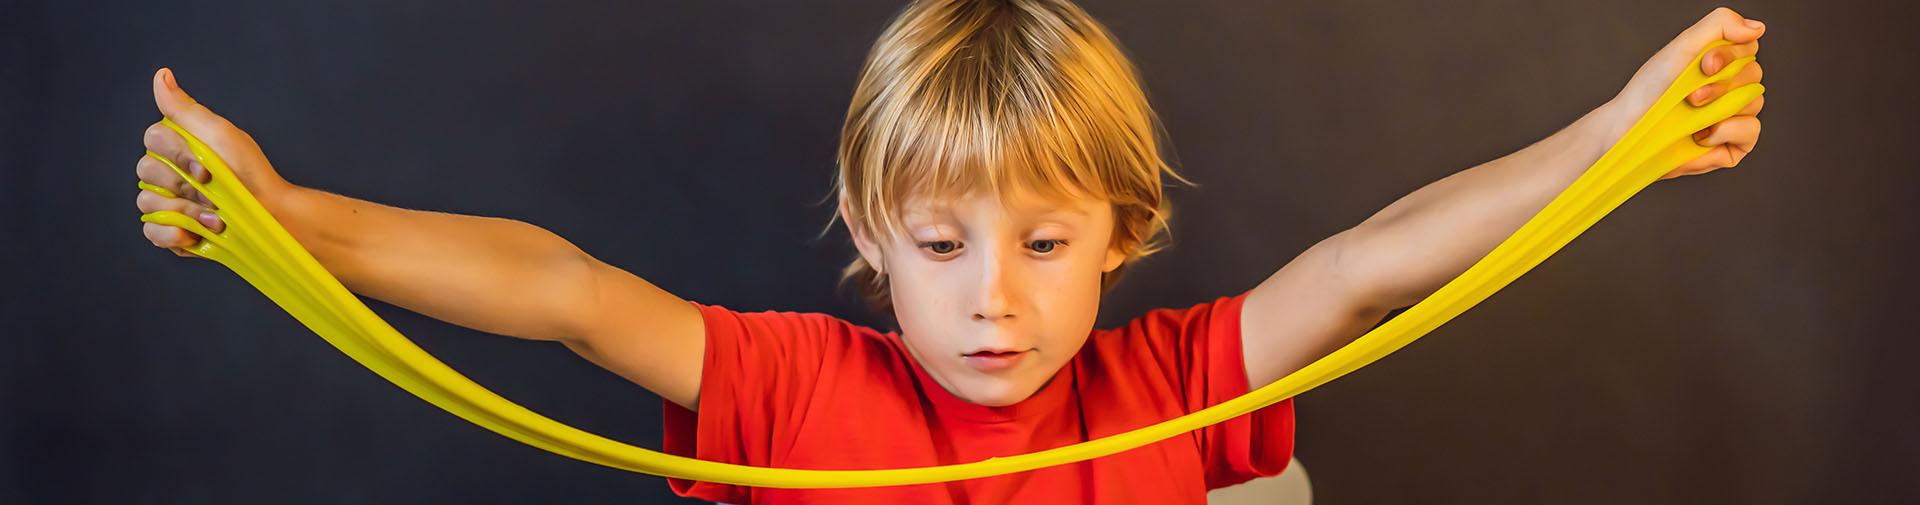 Jongen die een elastiek uittrekt